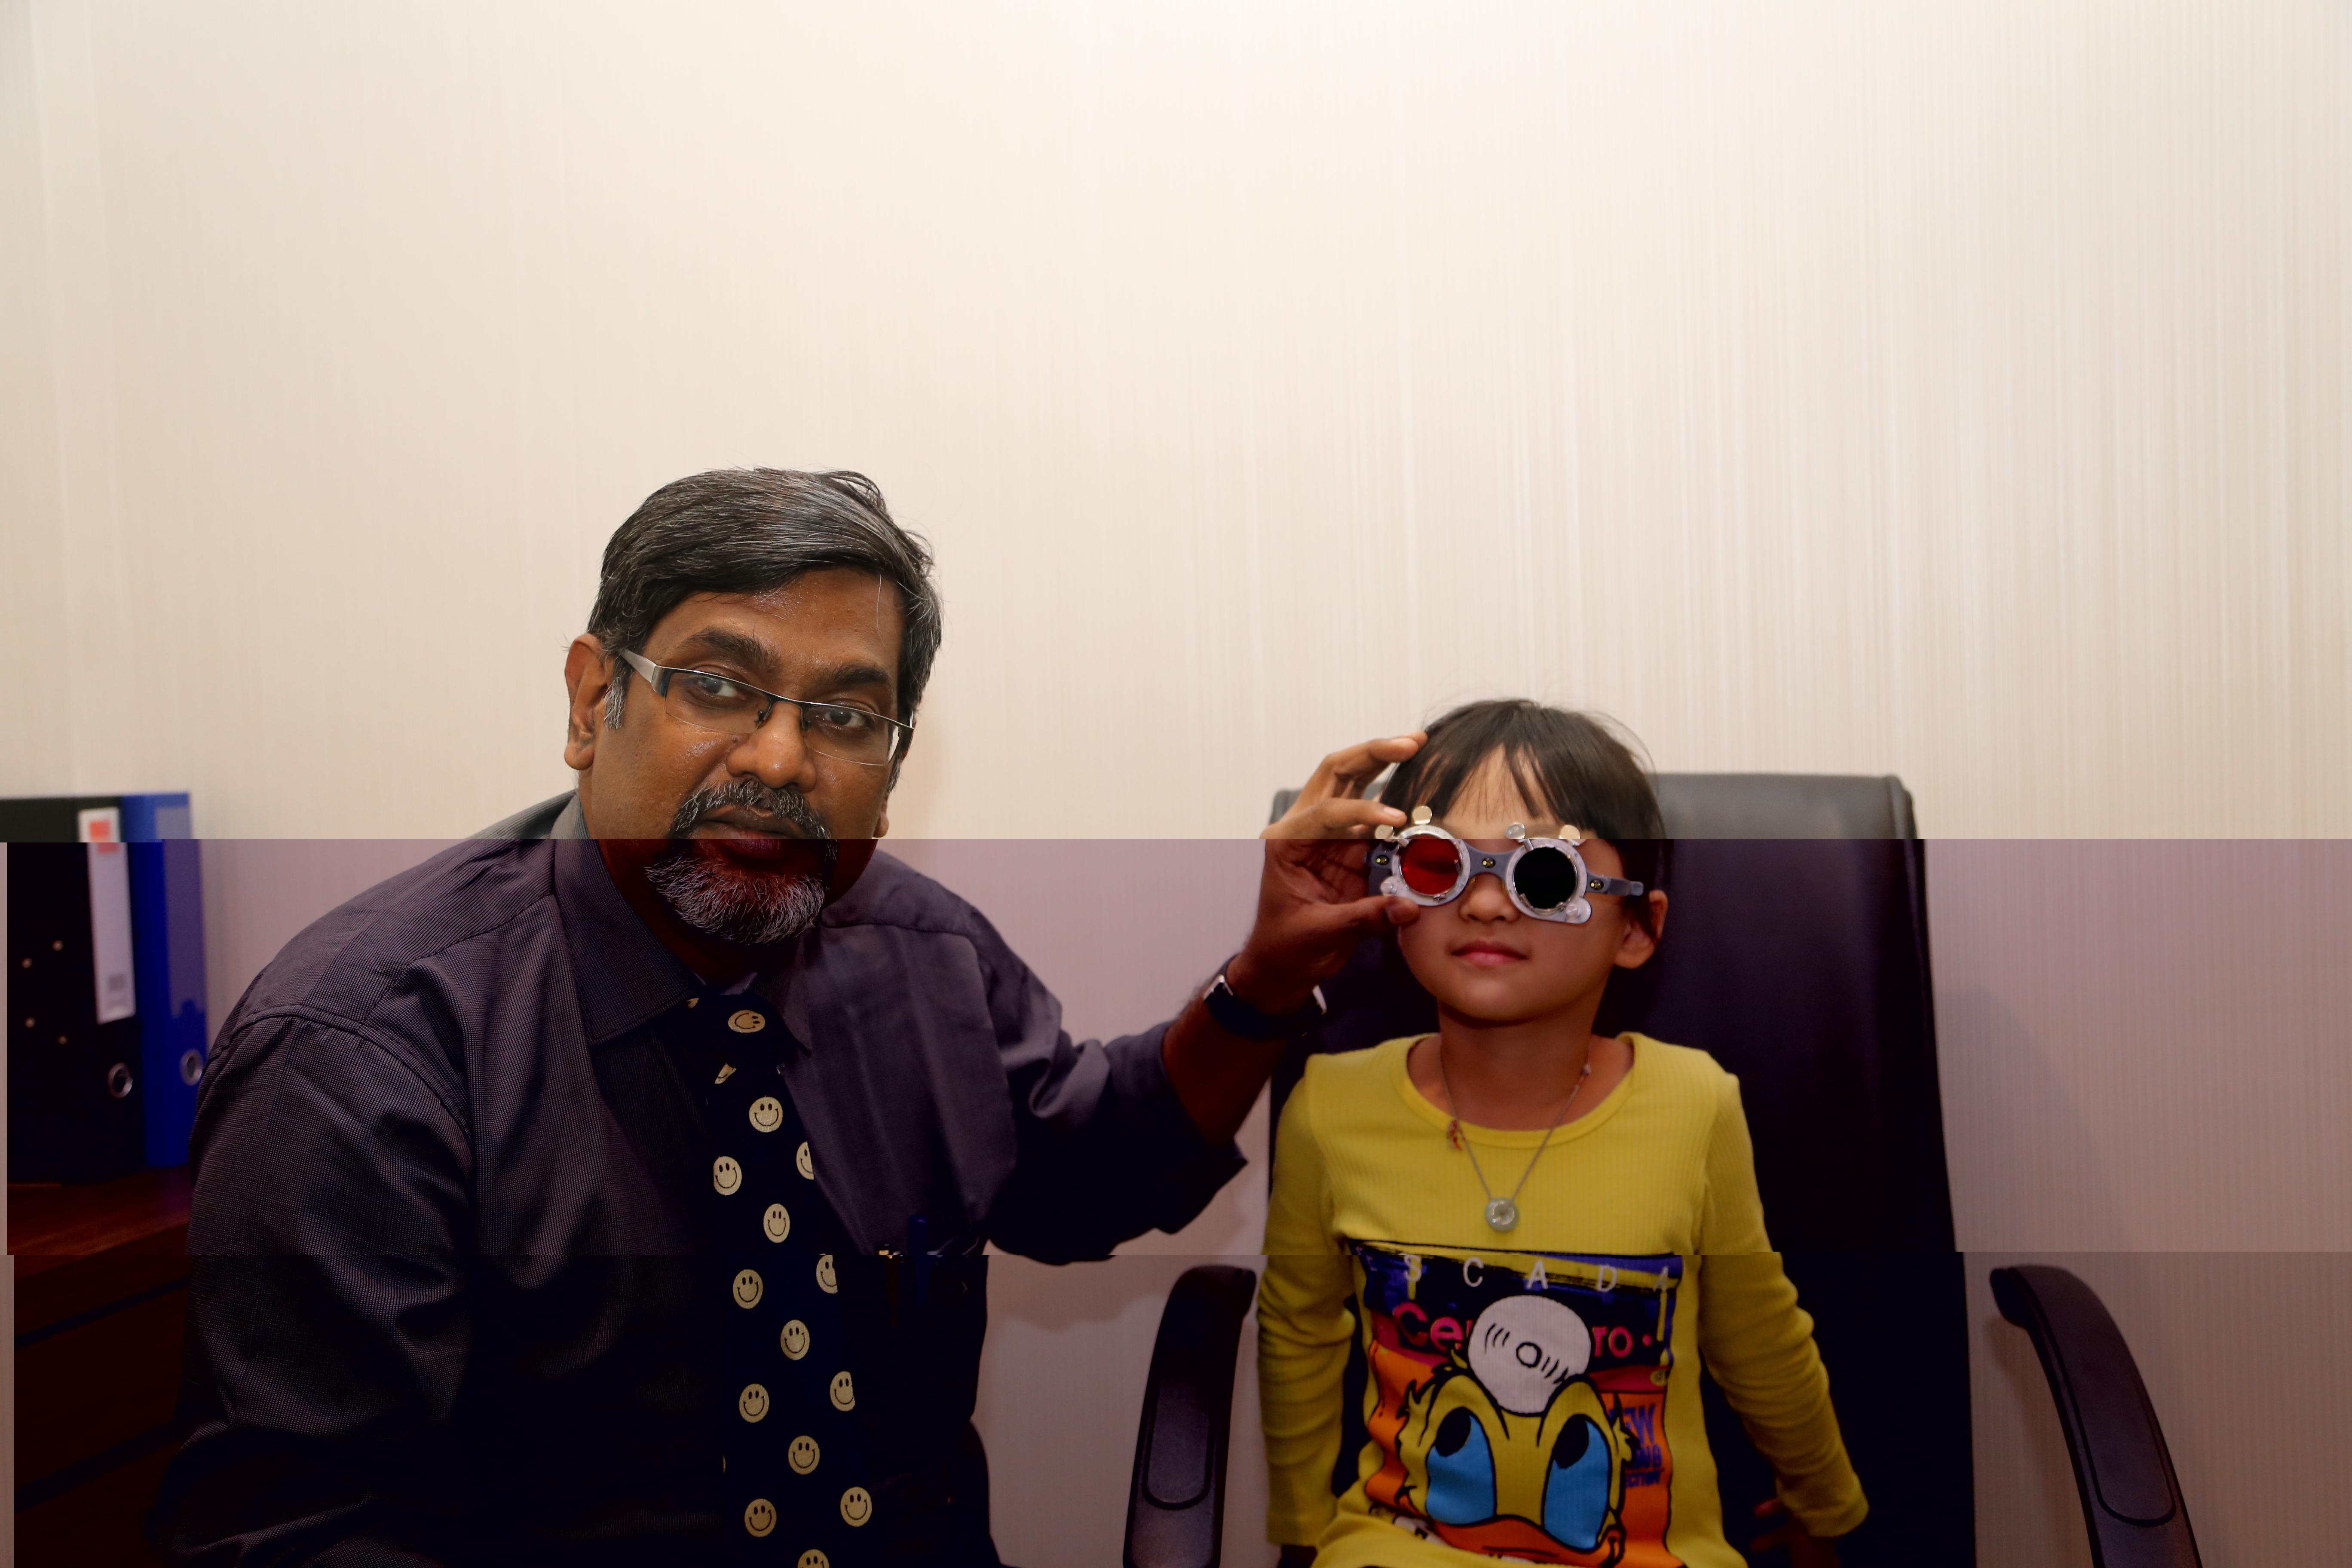 斜视的早期症状有哪些